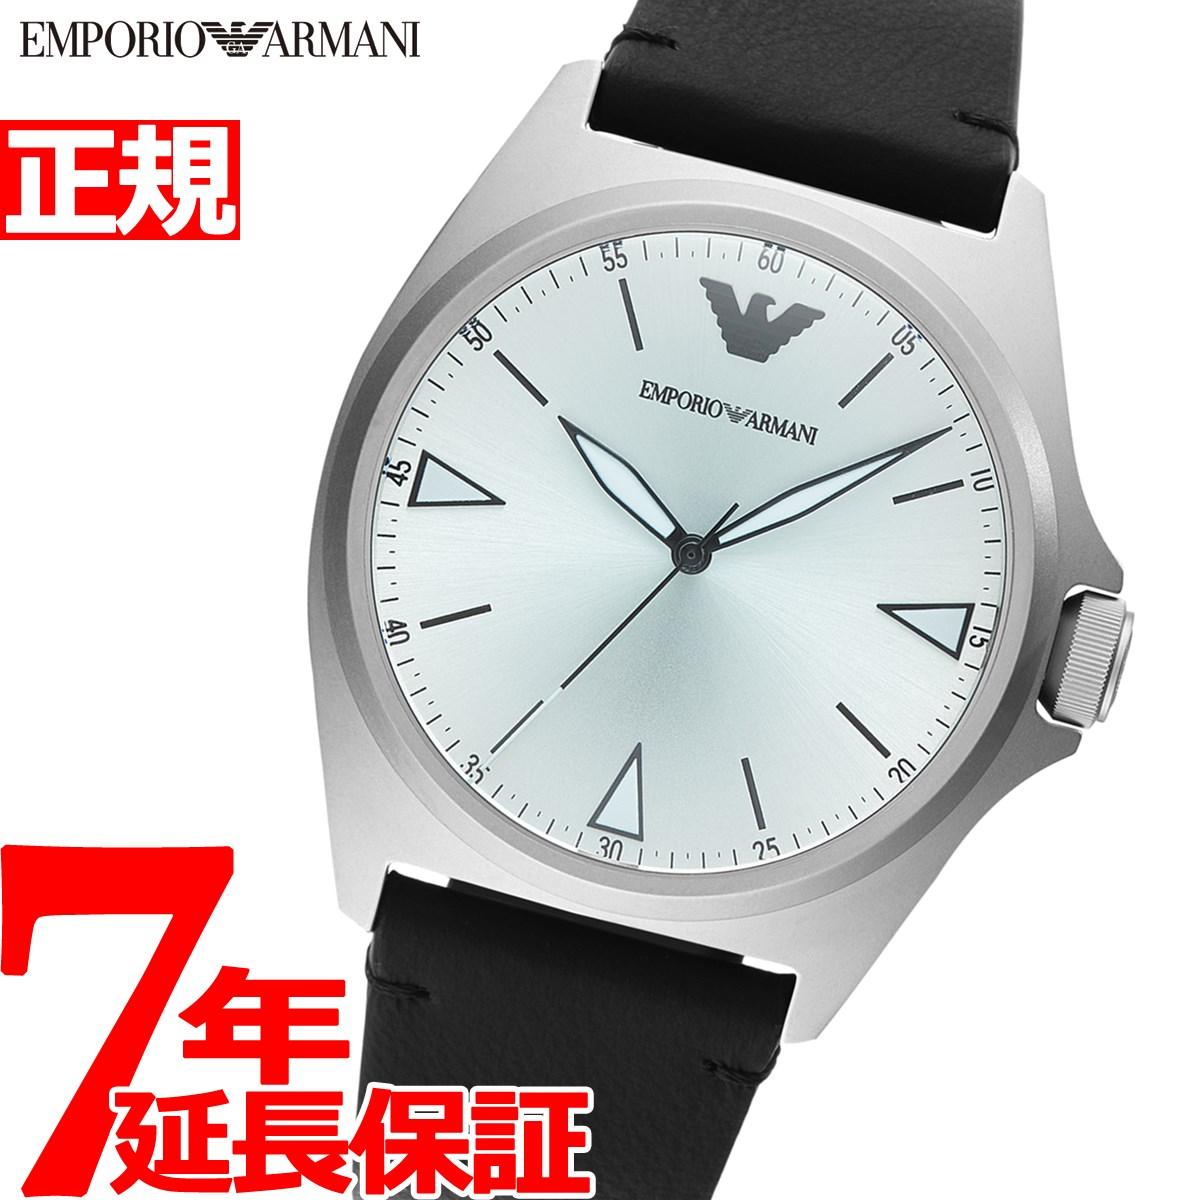 【5日0時~♪10%OFFクーポン&店内ポイント最大51倍!5日23時59分まで】エンポリオアルマーニ EMPORIO ARMANI 腕時計 メンズ AR11308【2020 新作】